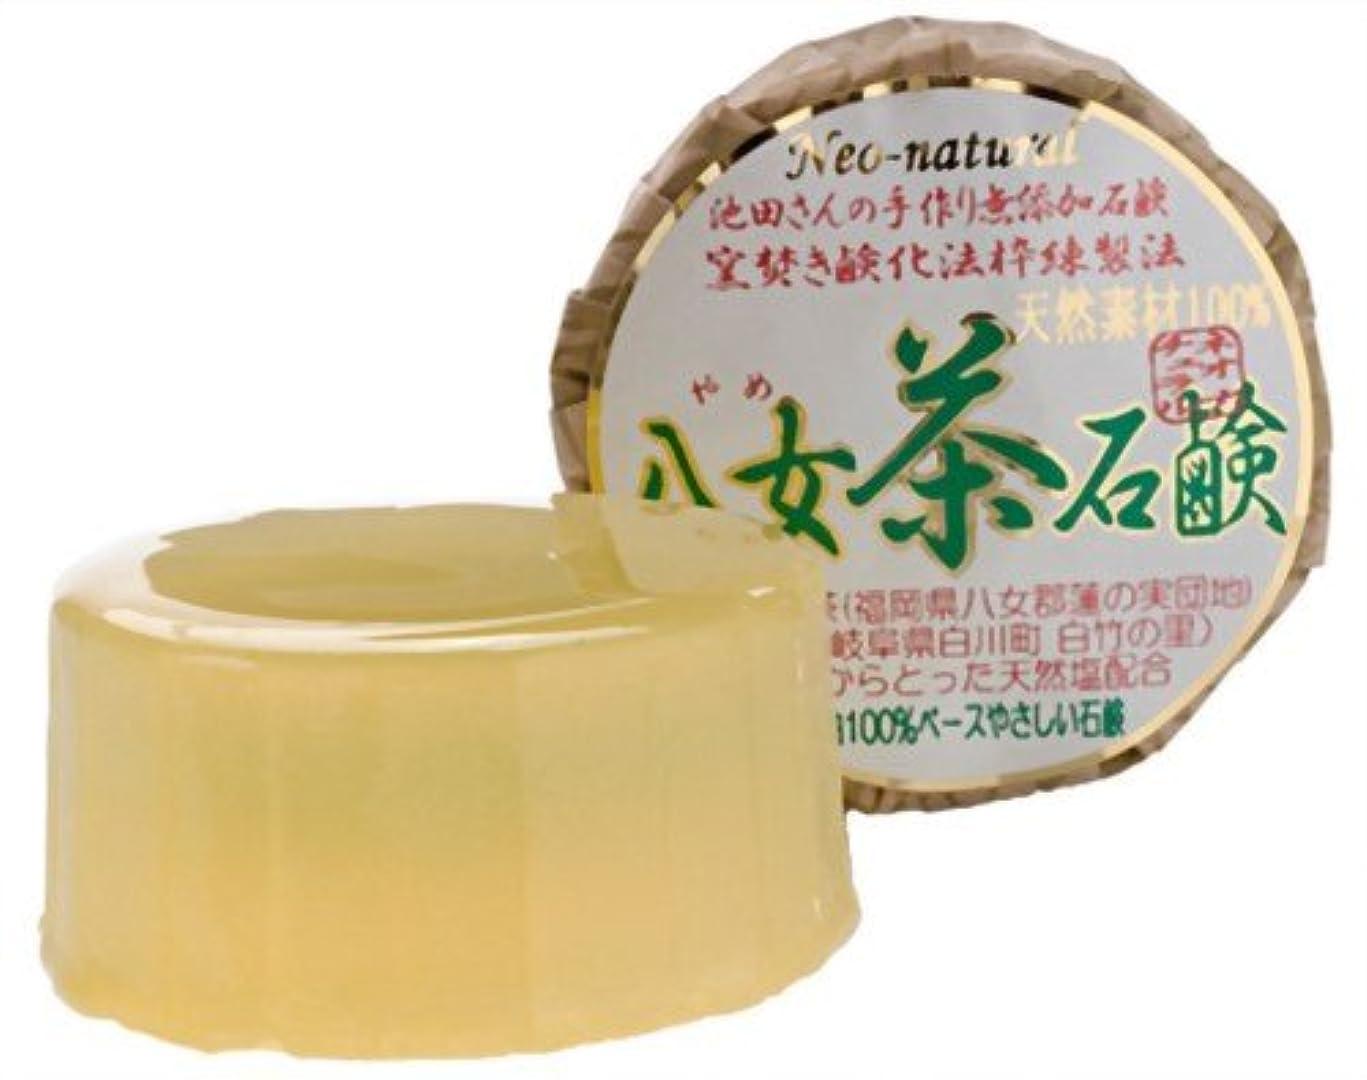 ビヨン賢明な維持するネオナチュラル 池田さんの八女茶石鹸 80g